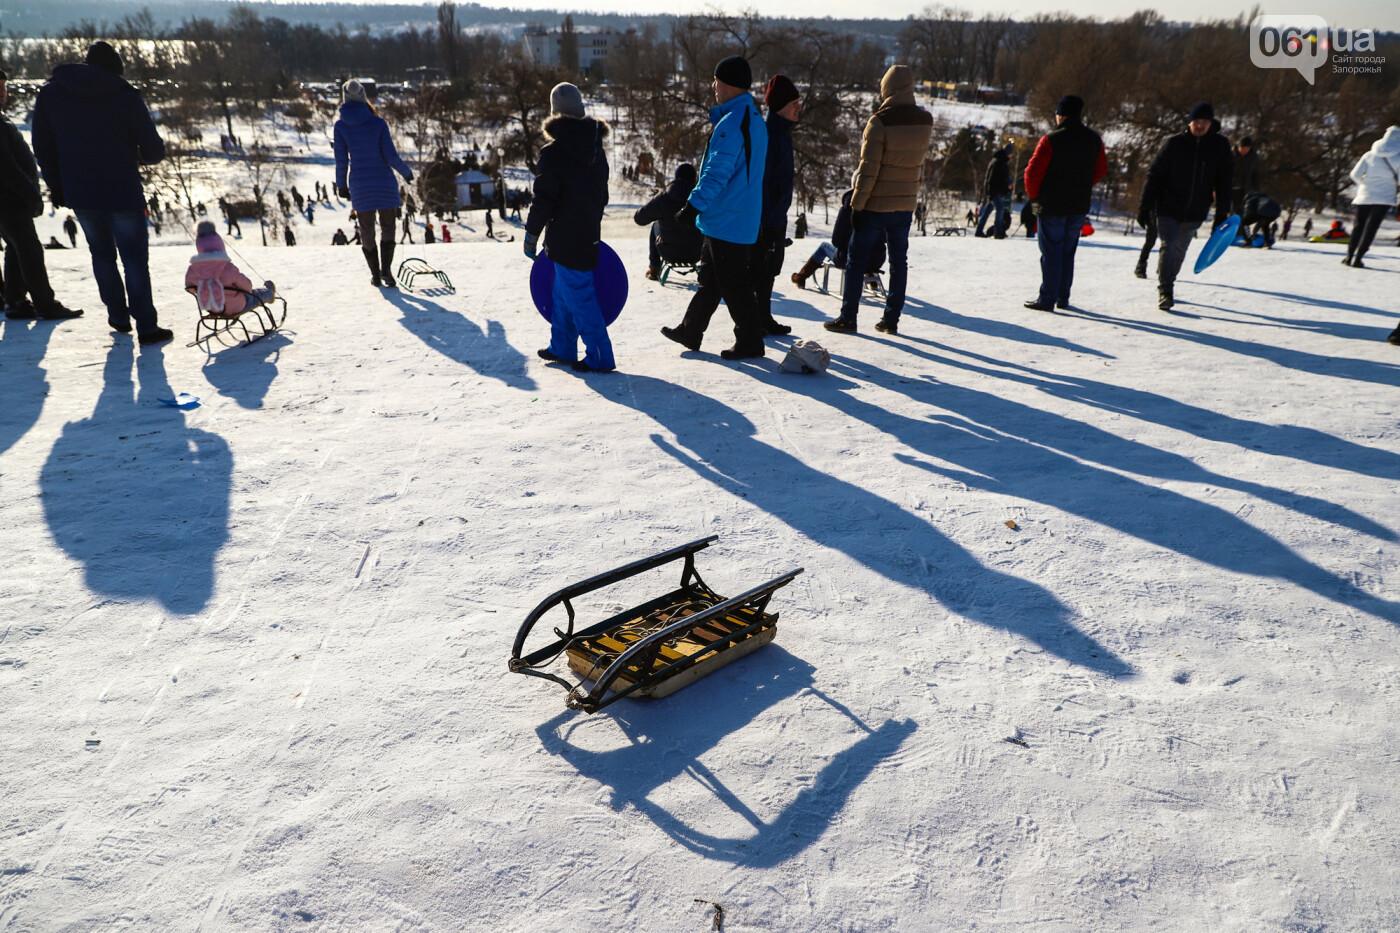 На санках, лыжах и сноуборде: запорожцы устроили массовое катание с горок в Вознесеновском парке, - ФОТОРЕПОРТАЖ, фото-4